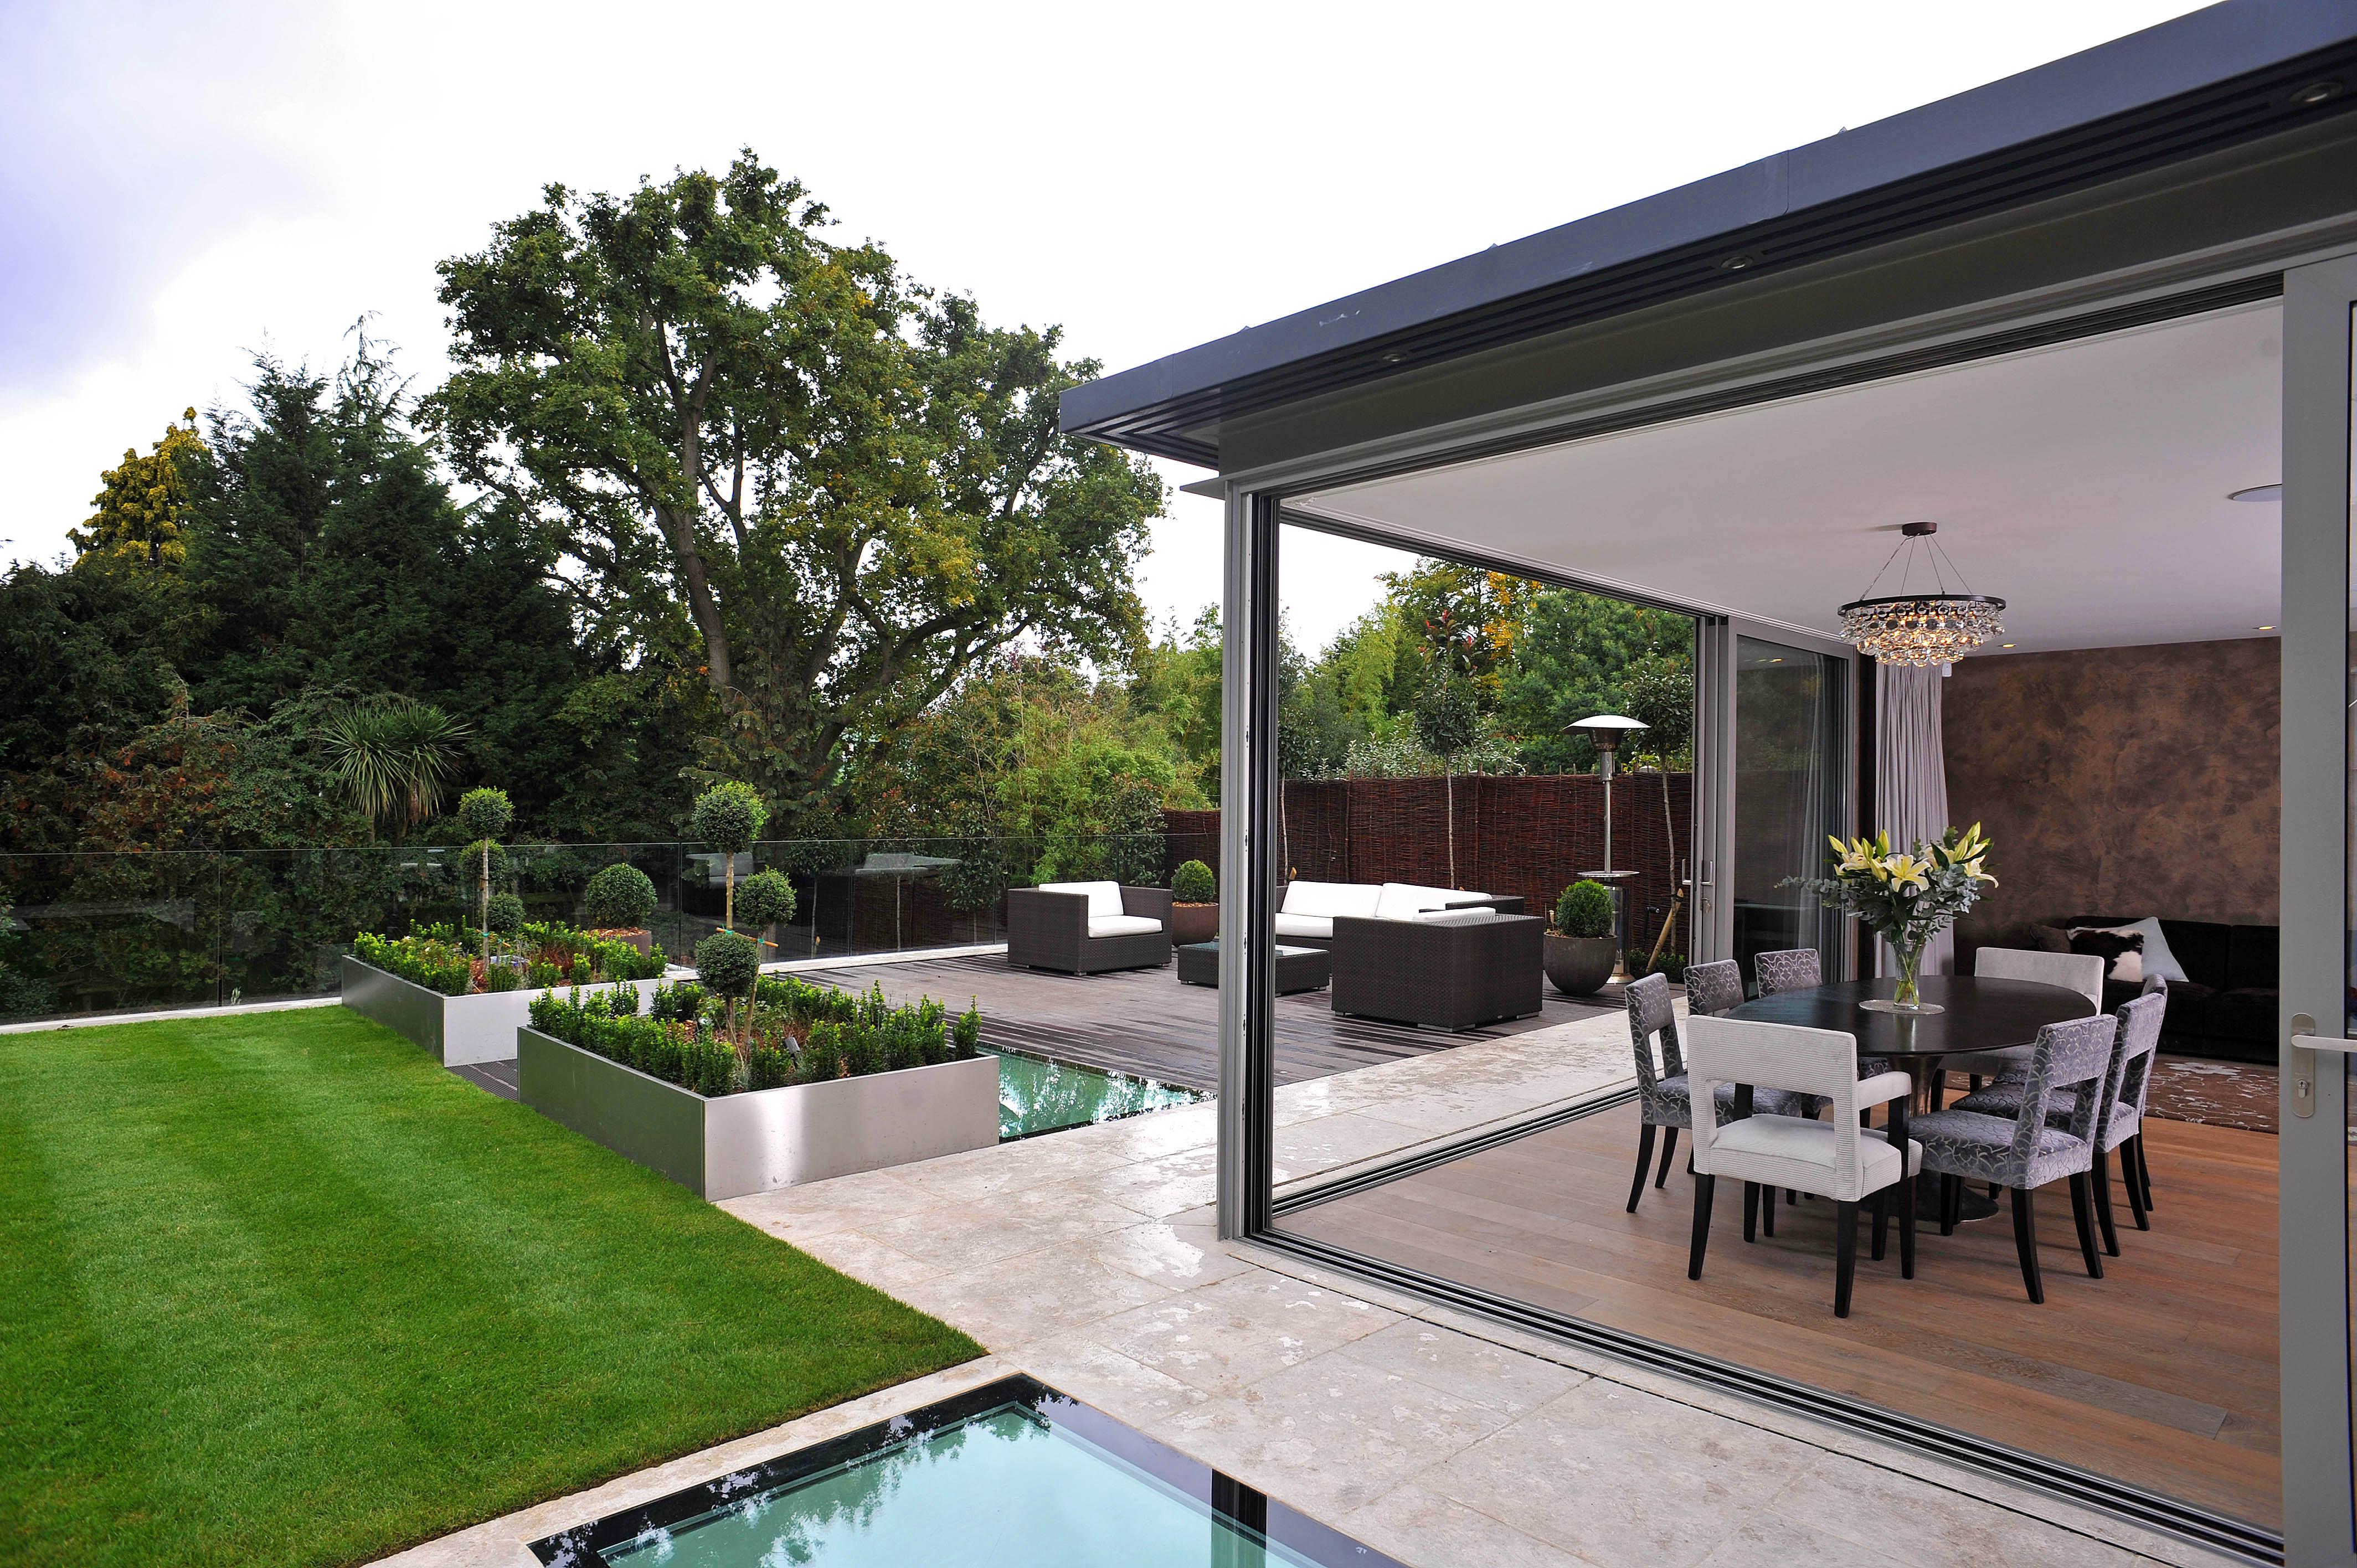 architect refurbishment house glass